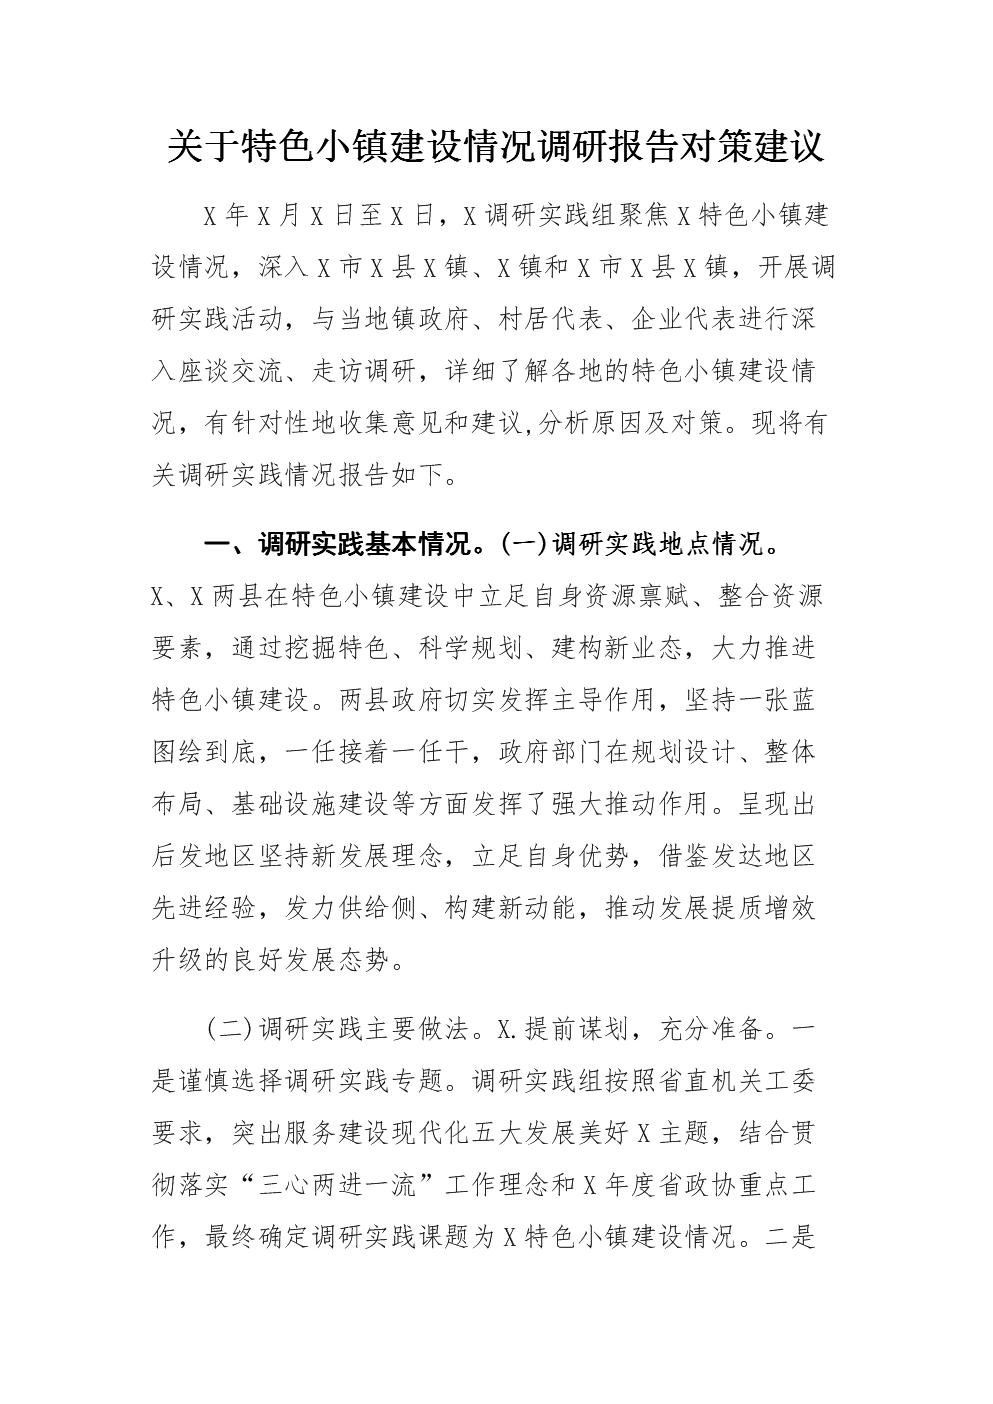 关于特色小镇建设情况调研报告对策建议.docx